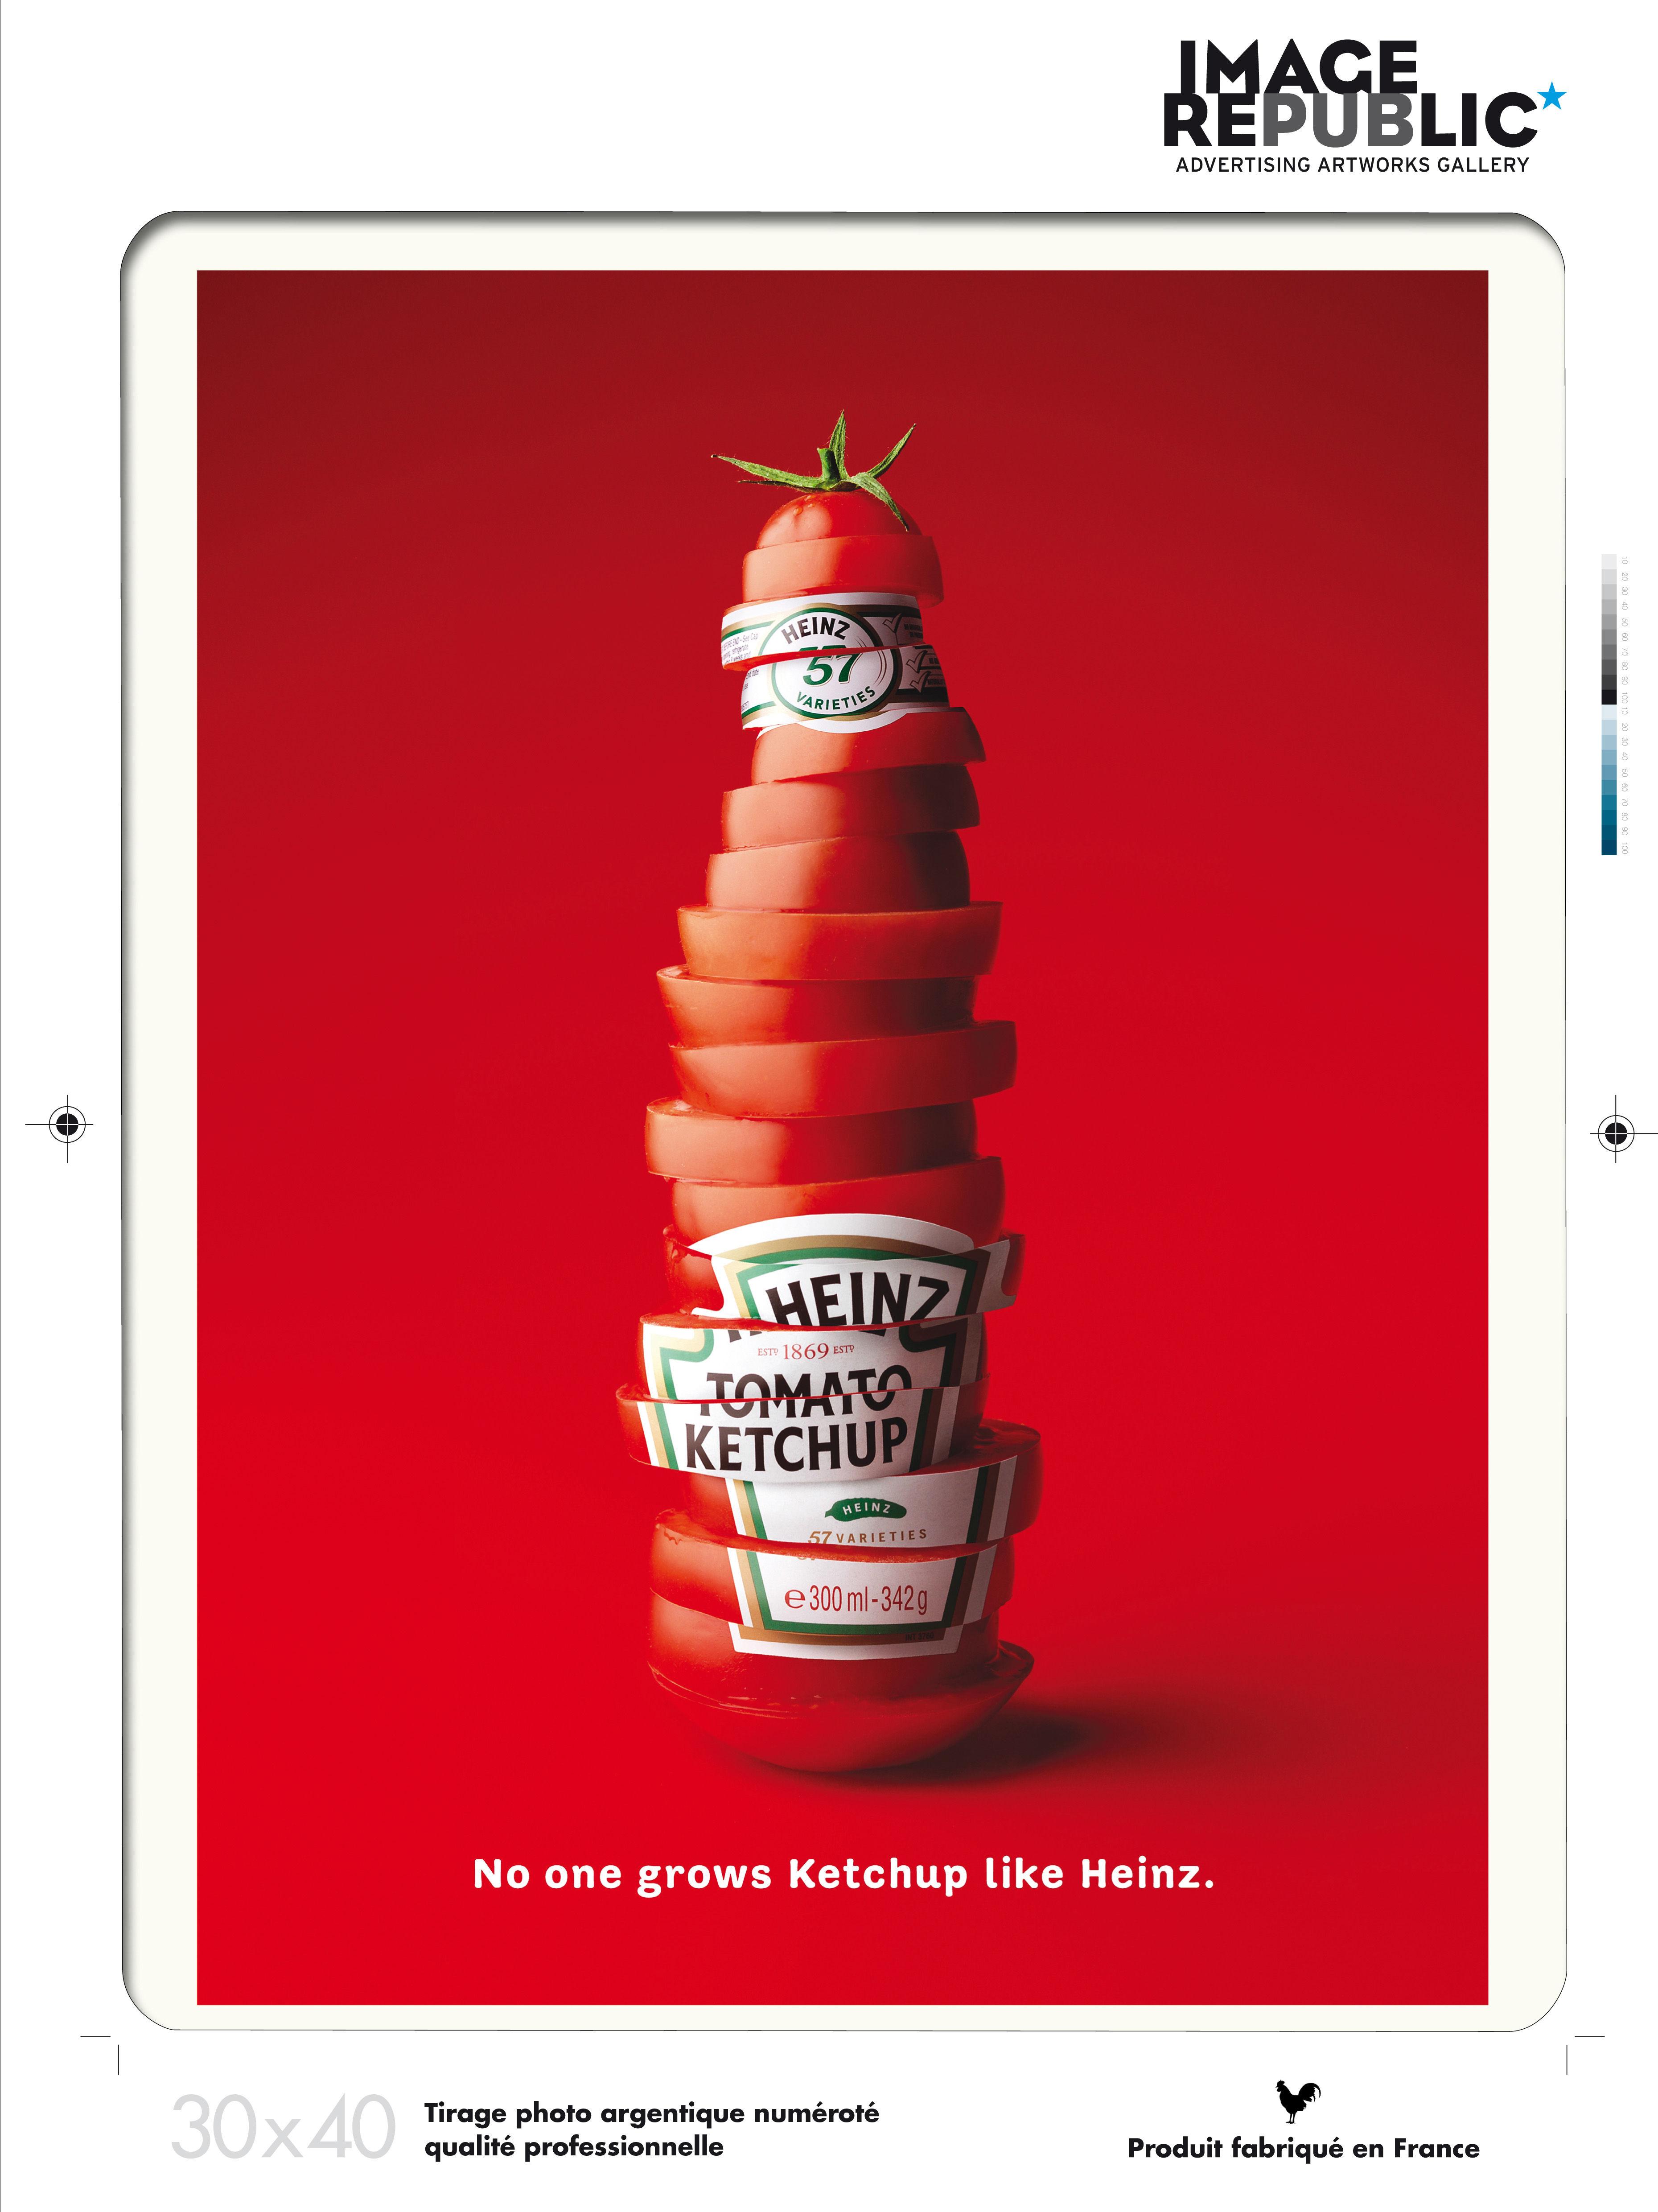 Affiche Heinz Sliced Bottle / 30 x 40 cm Heinz - Image Republic